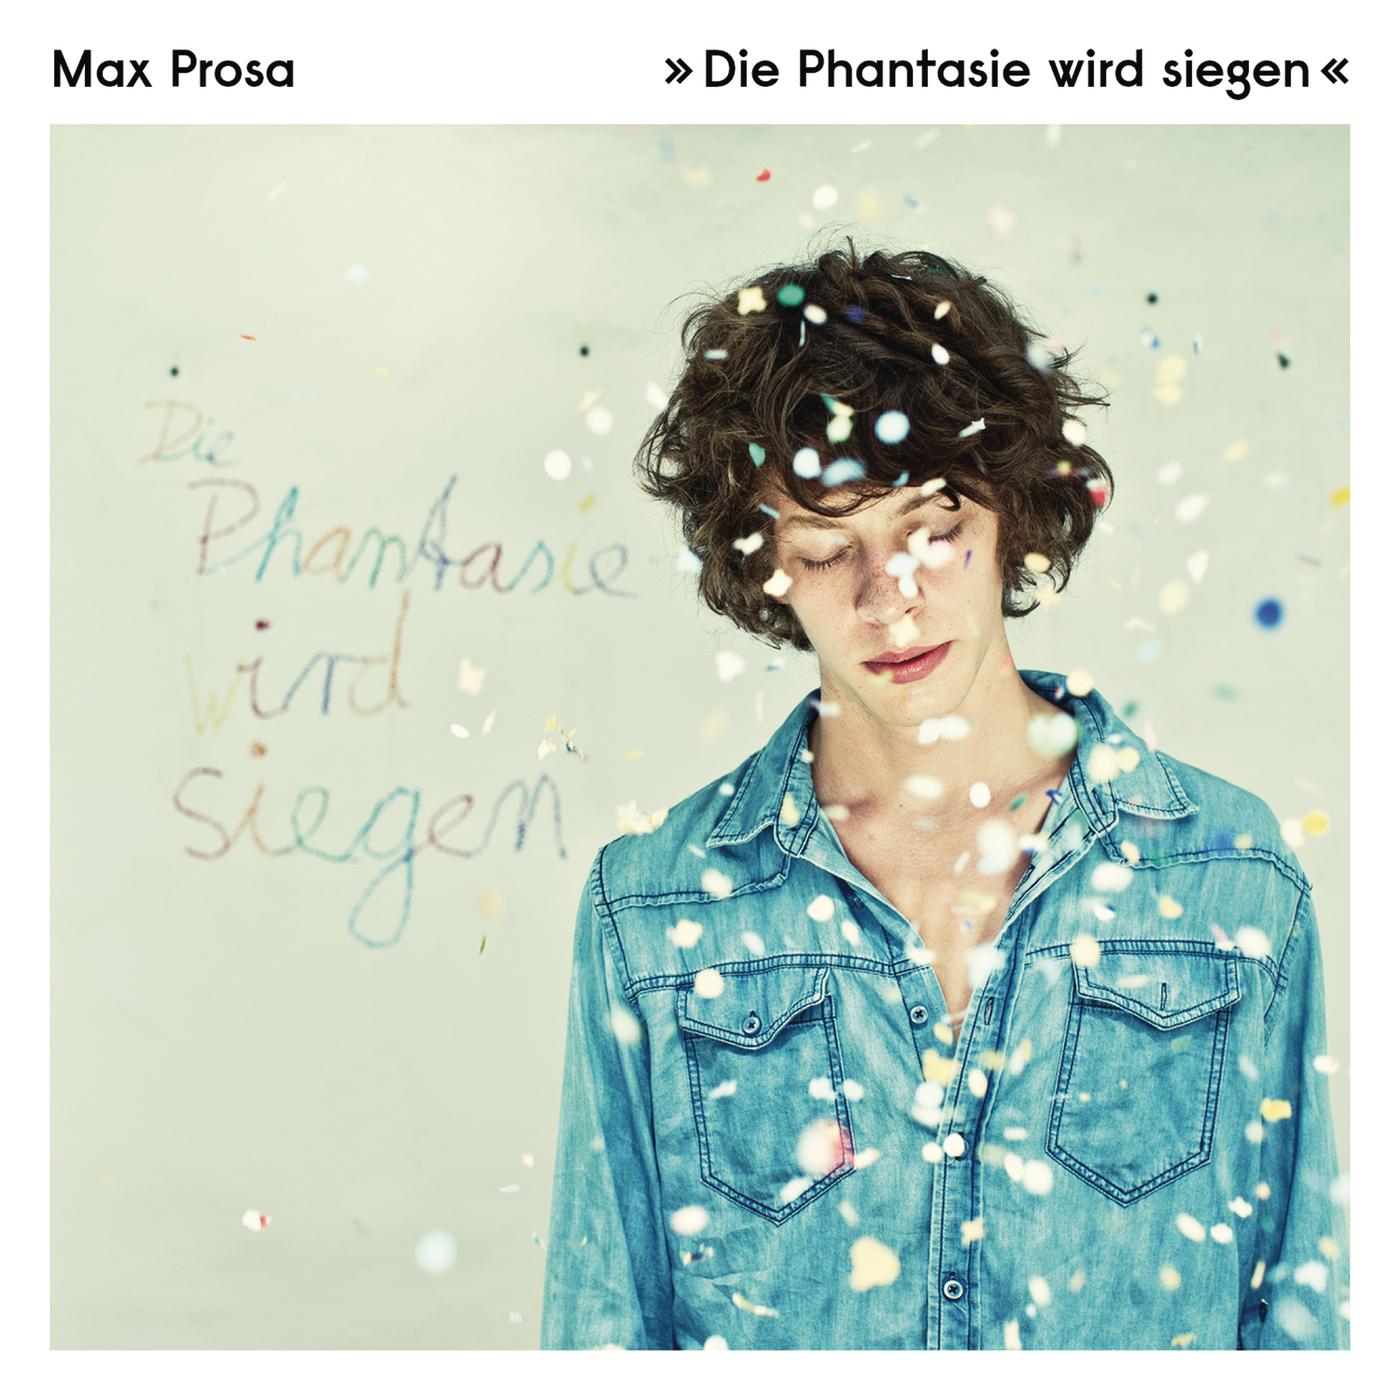 Die Phantasie wird siegen - Max Prosa